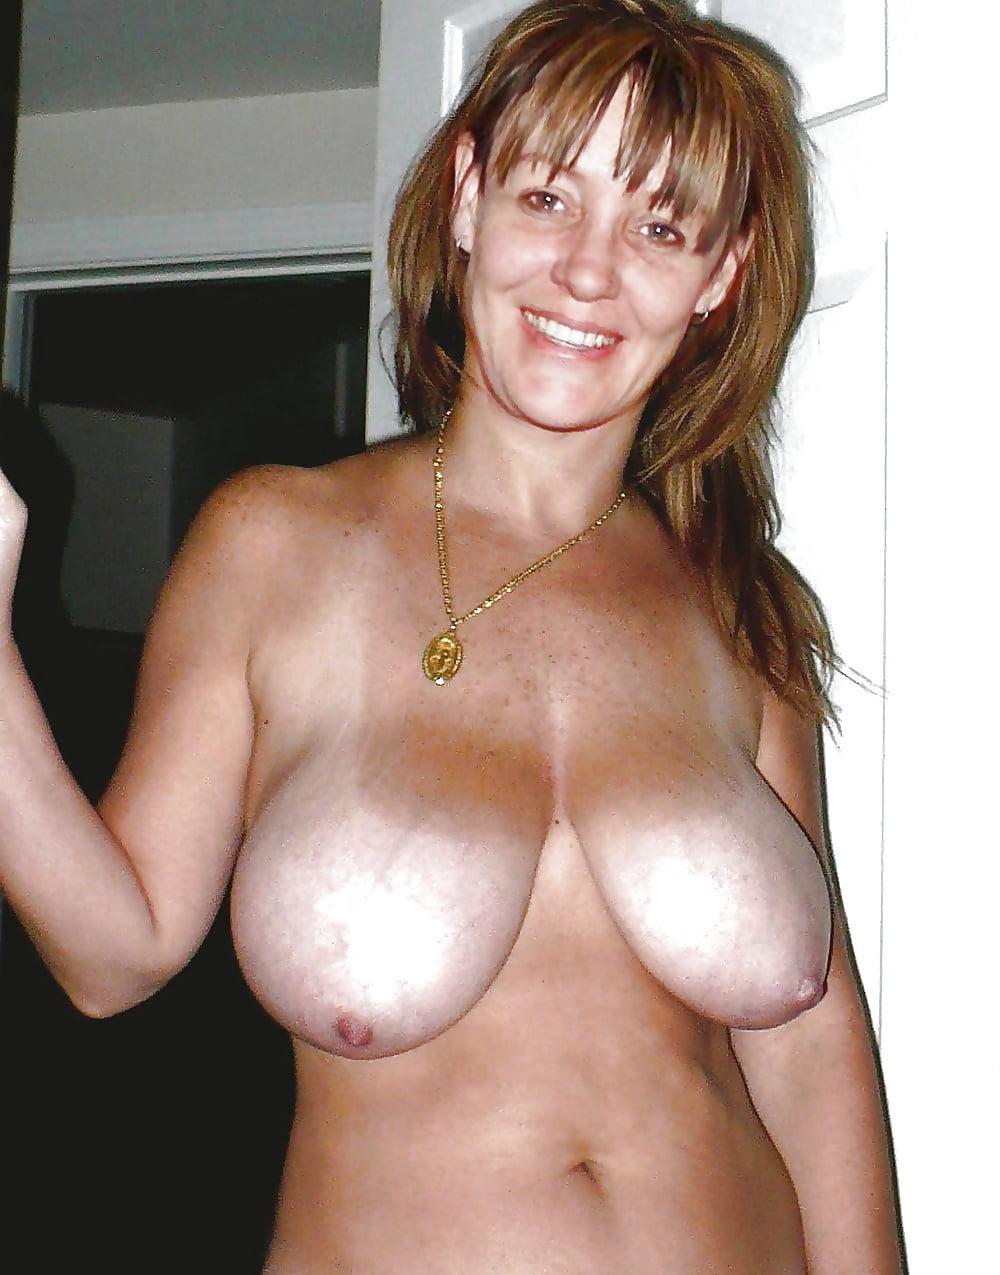 Порно зрелые с отвисшими грудями женщины фото порнозвездами